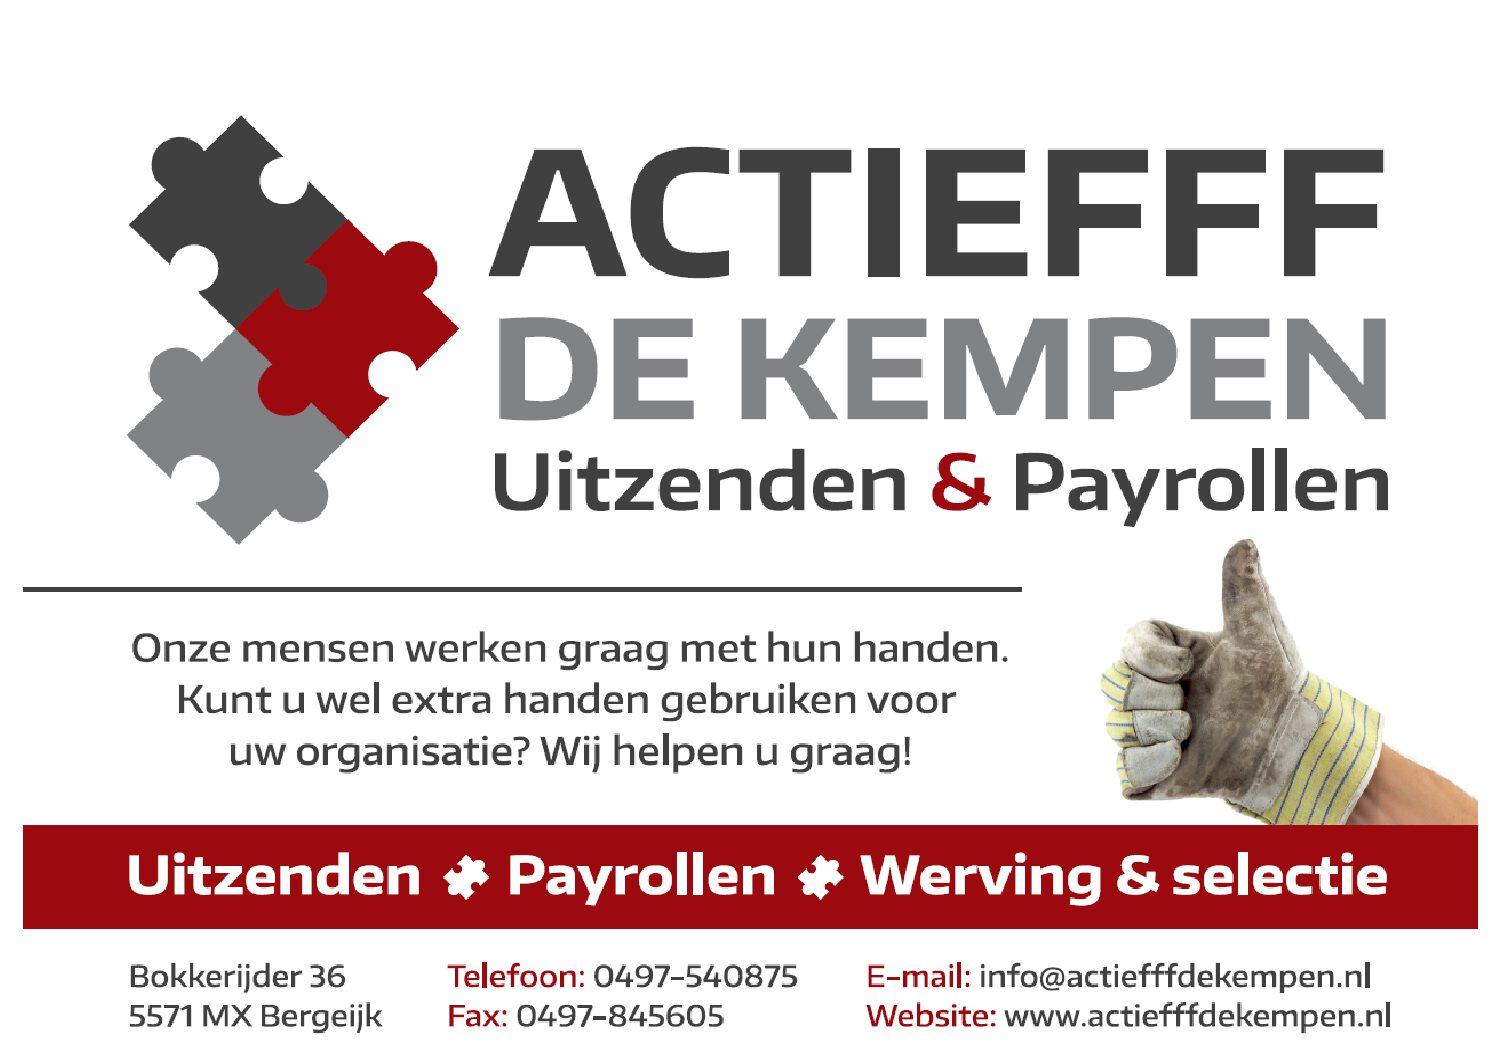 logo Actiefff De Kempen